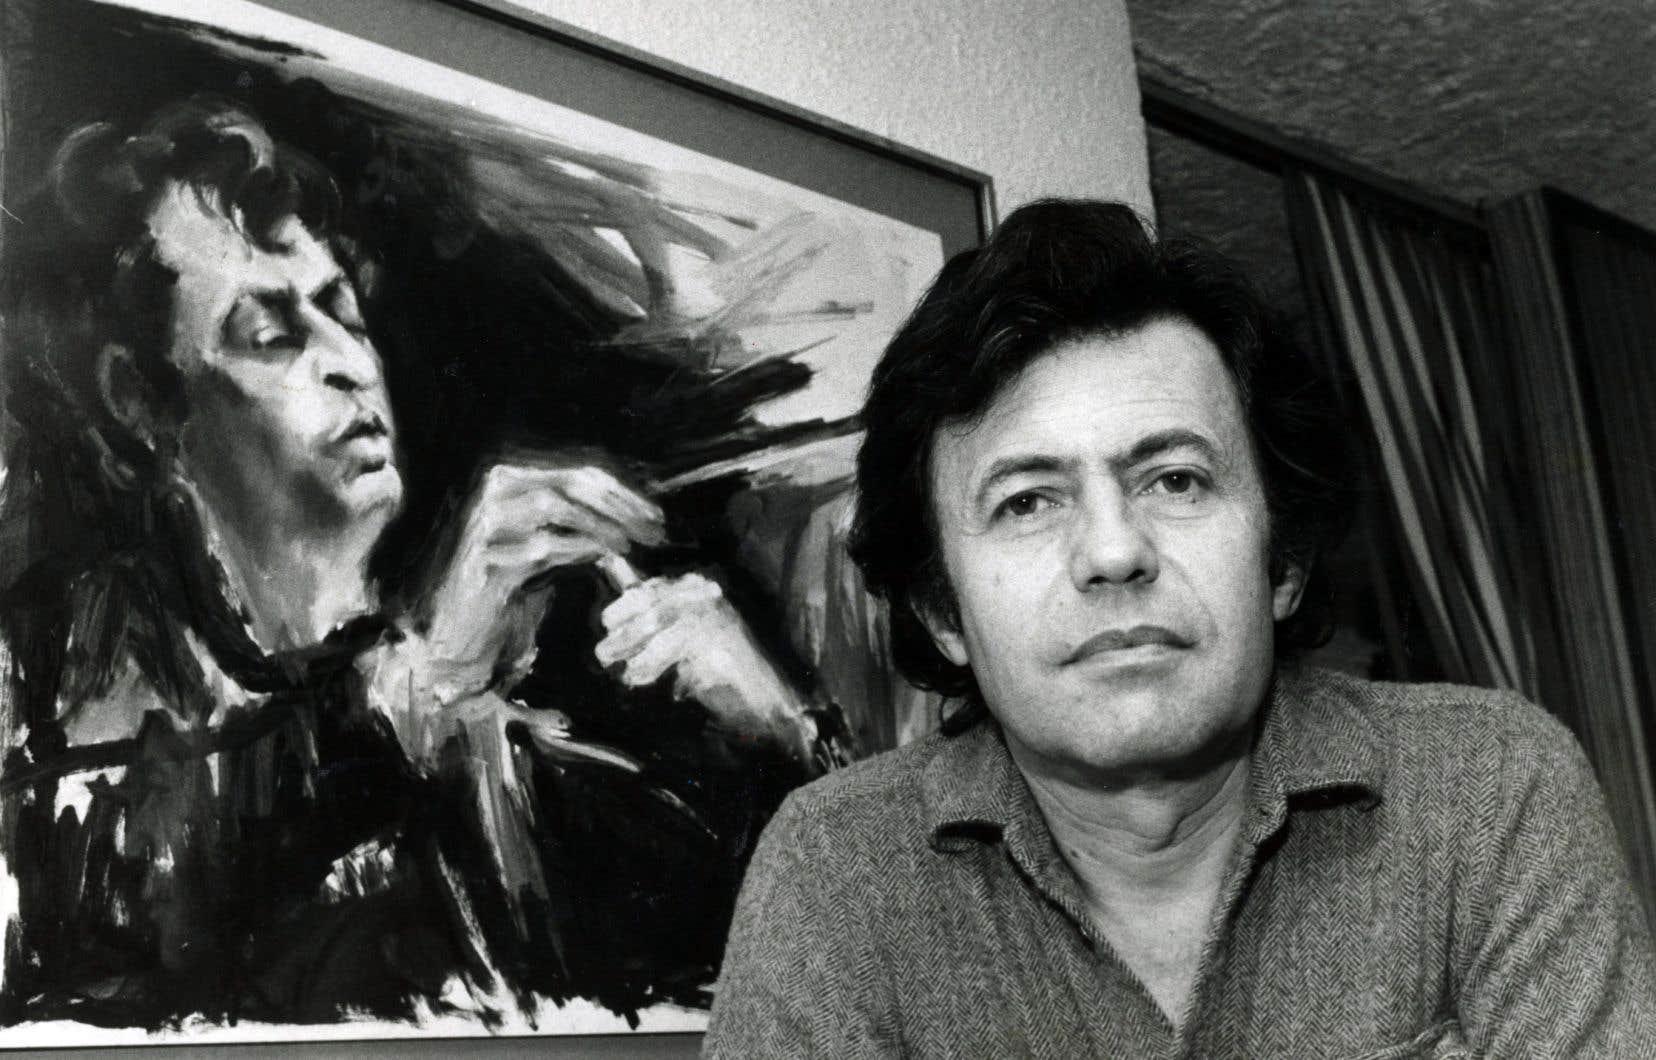 Arrivé au Québec en 1964, le caricaturiste Jean-Pierre Girerd a notamment dessiné dans «Métro-Express» et dans le «Petit Journal». Il est avant tout connu pour son travail à «La Presse».